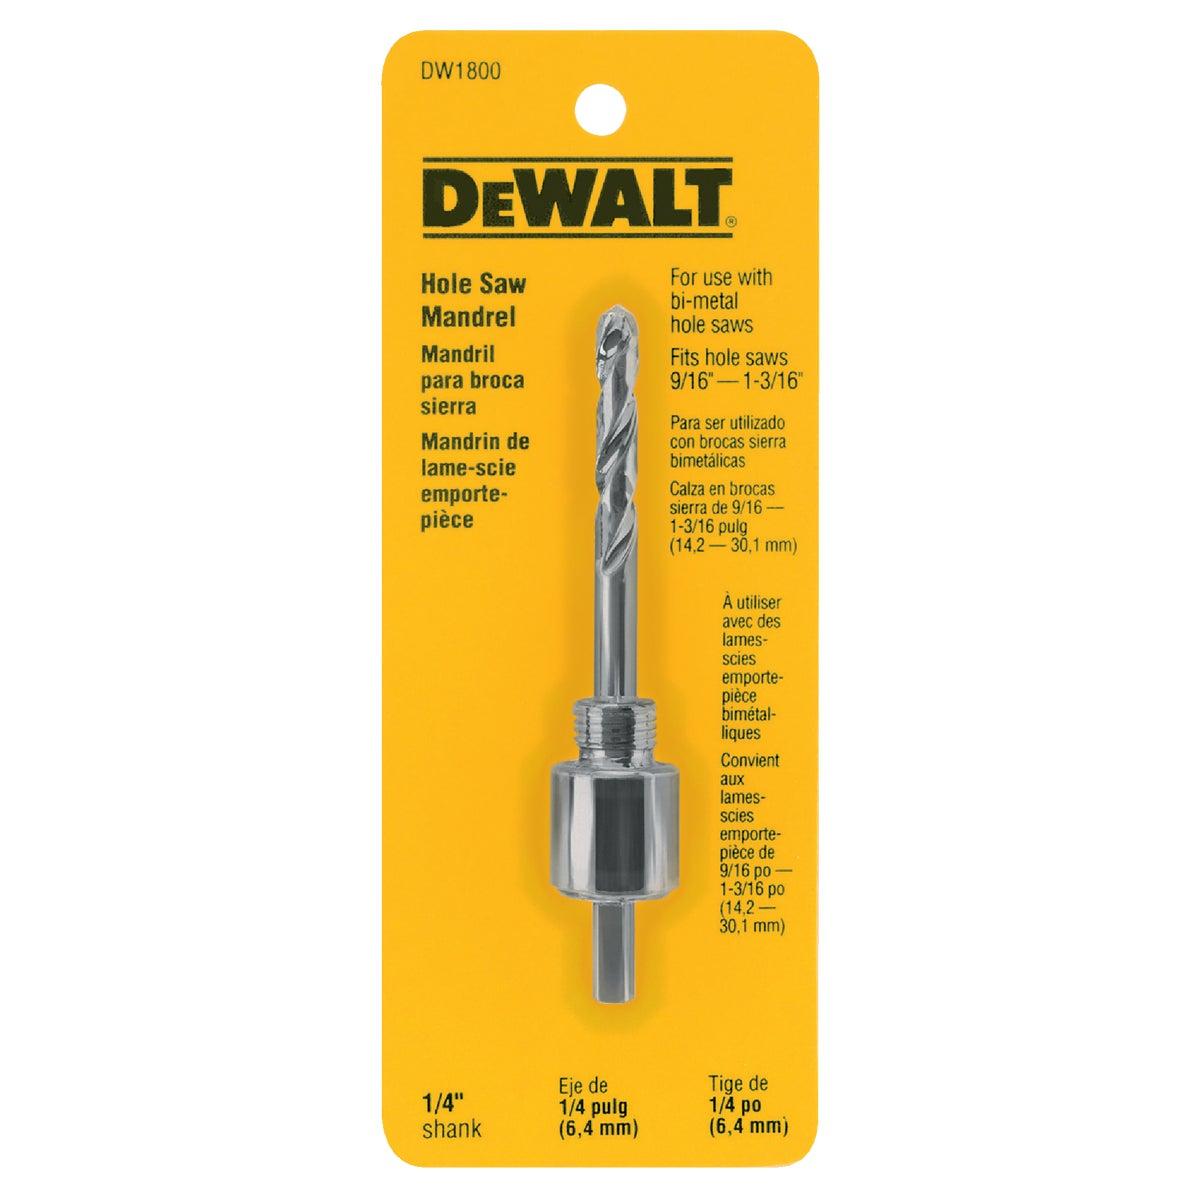 DeWalt Hole Saw Mandrel, DW1800